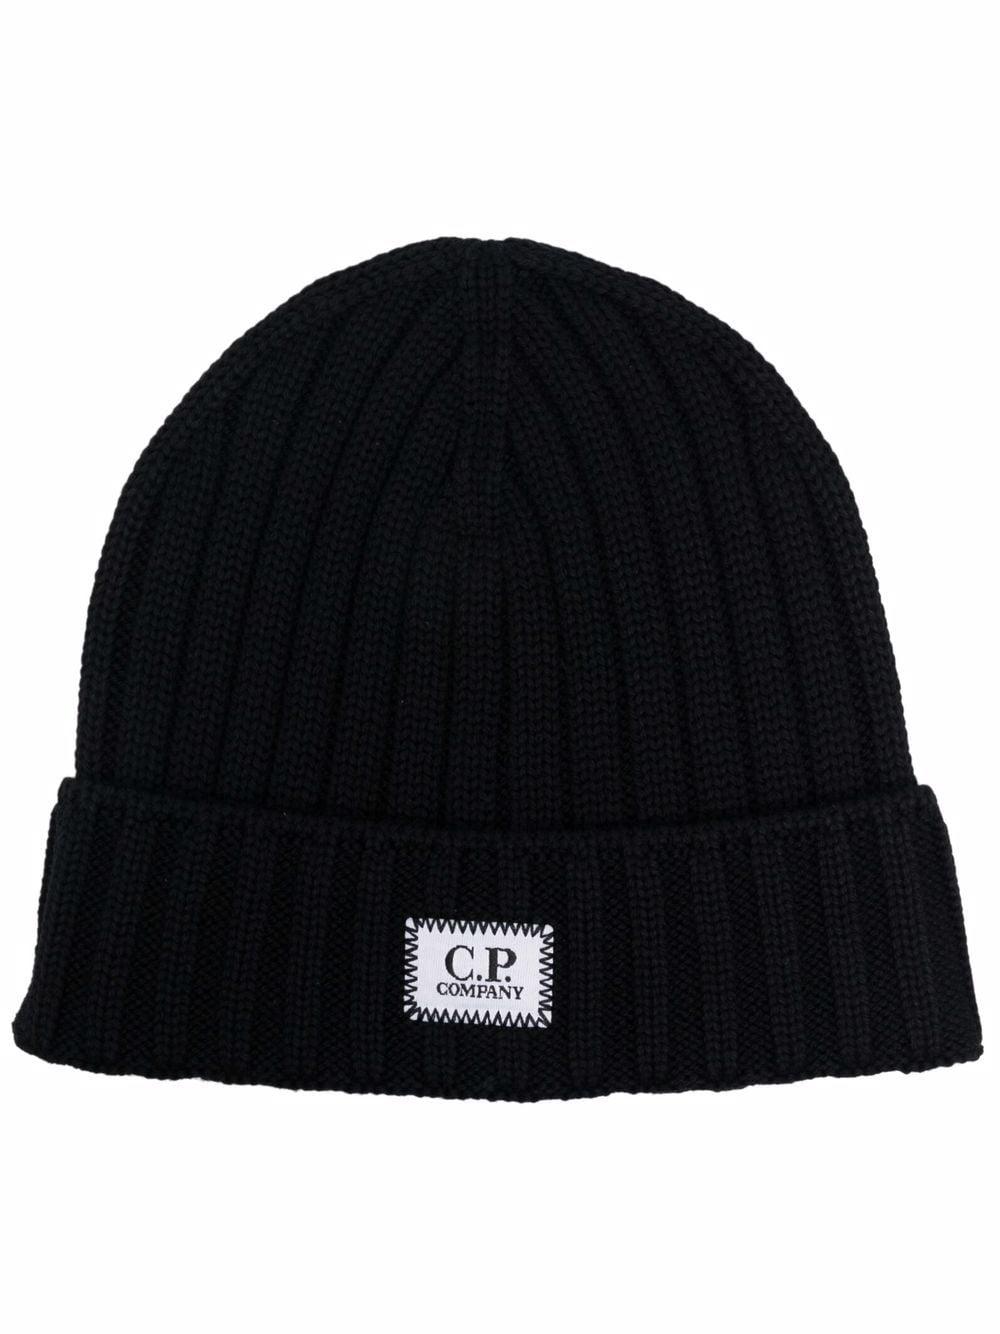 cappello in lana uomo nero C.P. COMPANY | Cappelli | 11CMAC120A005509A999